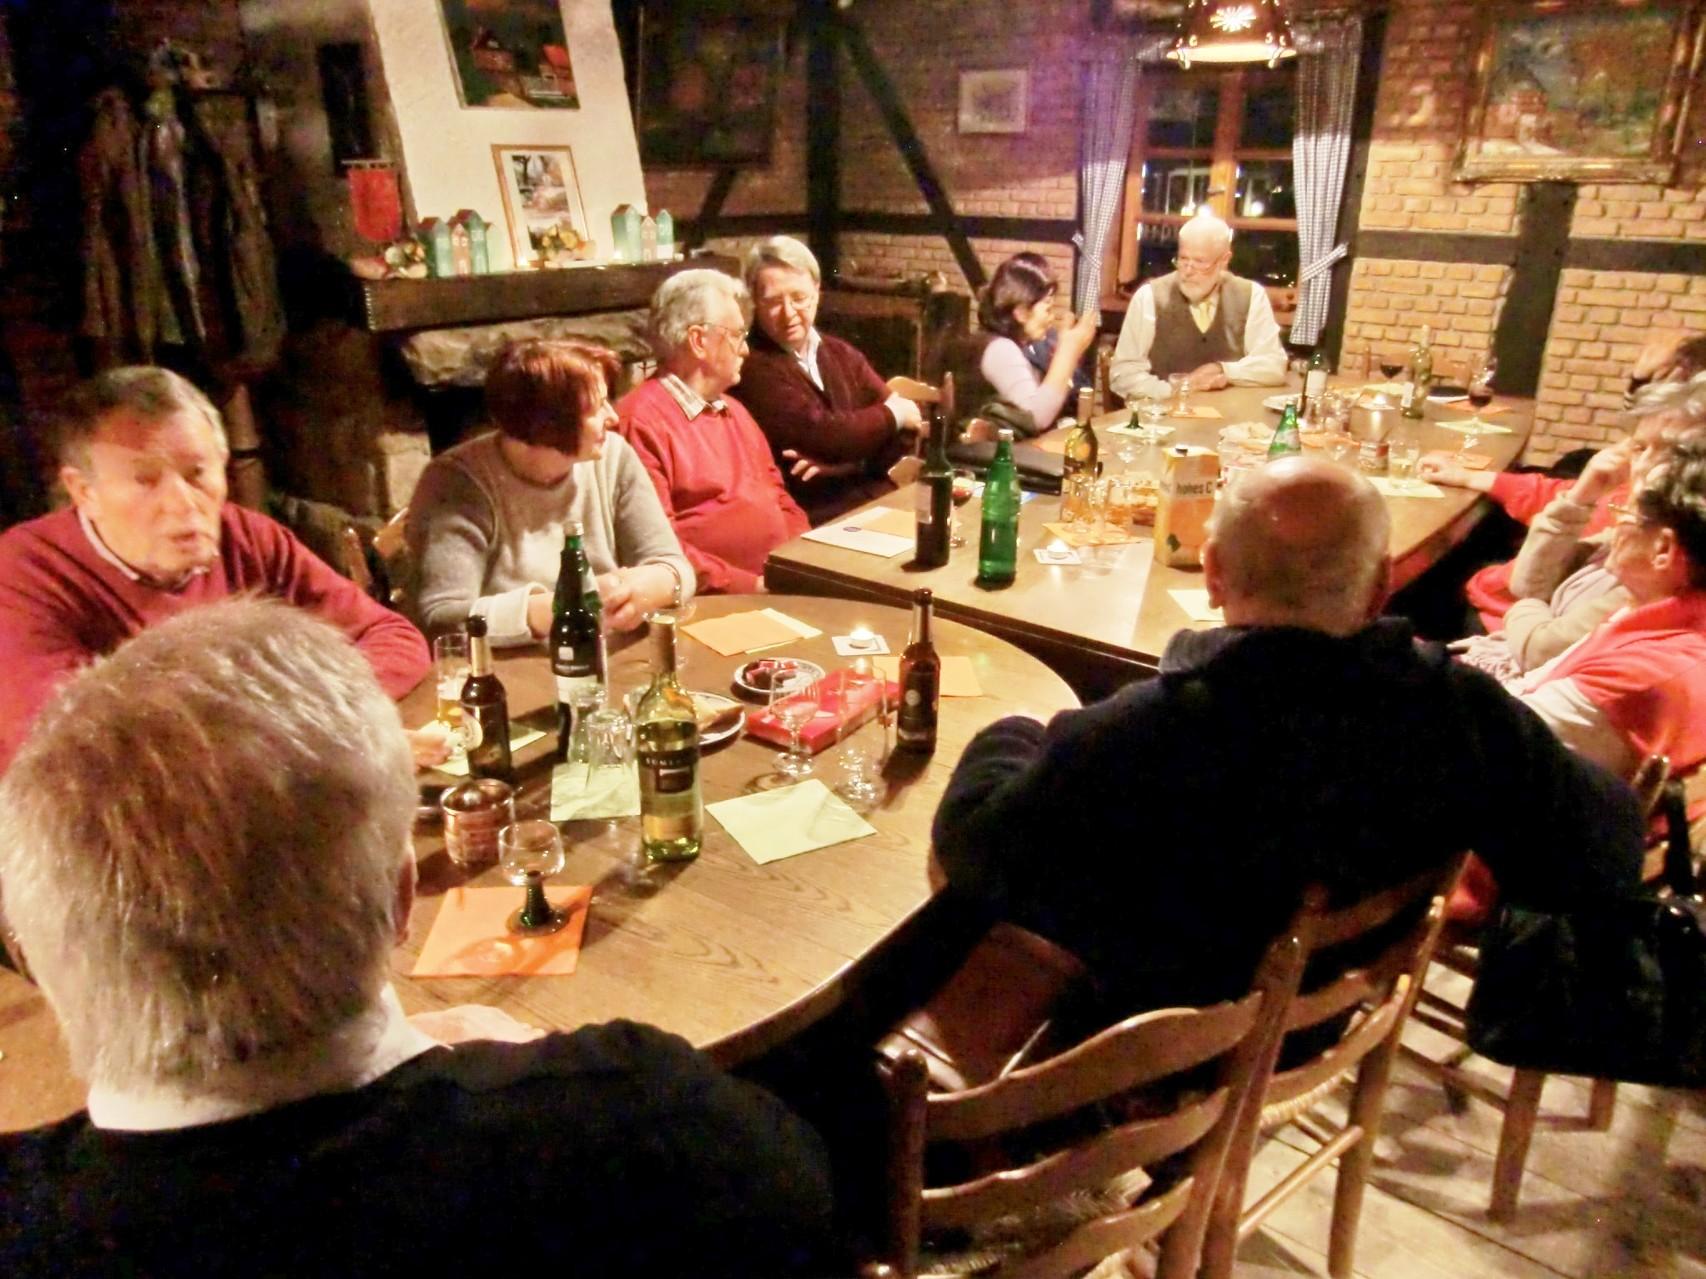 Gespräch am Tisch und über den Tisch